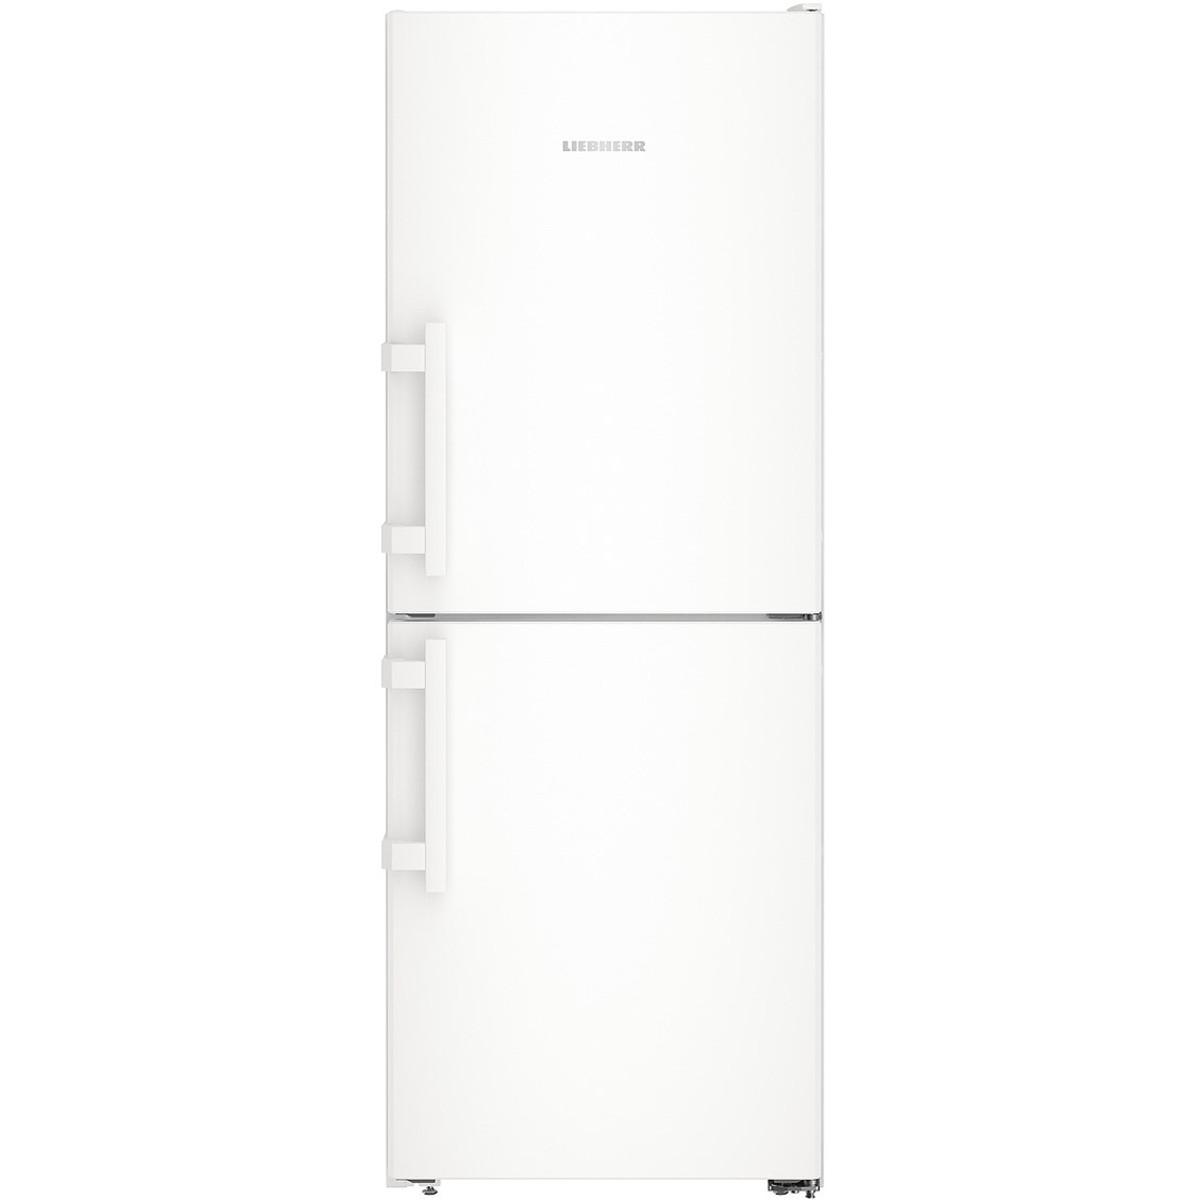 Image of Liebherr CN3115 Fridge Freezer